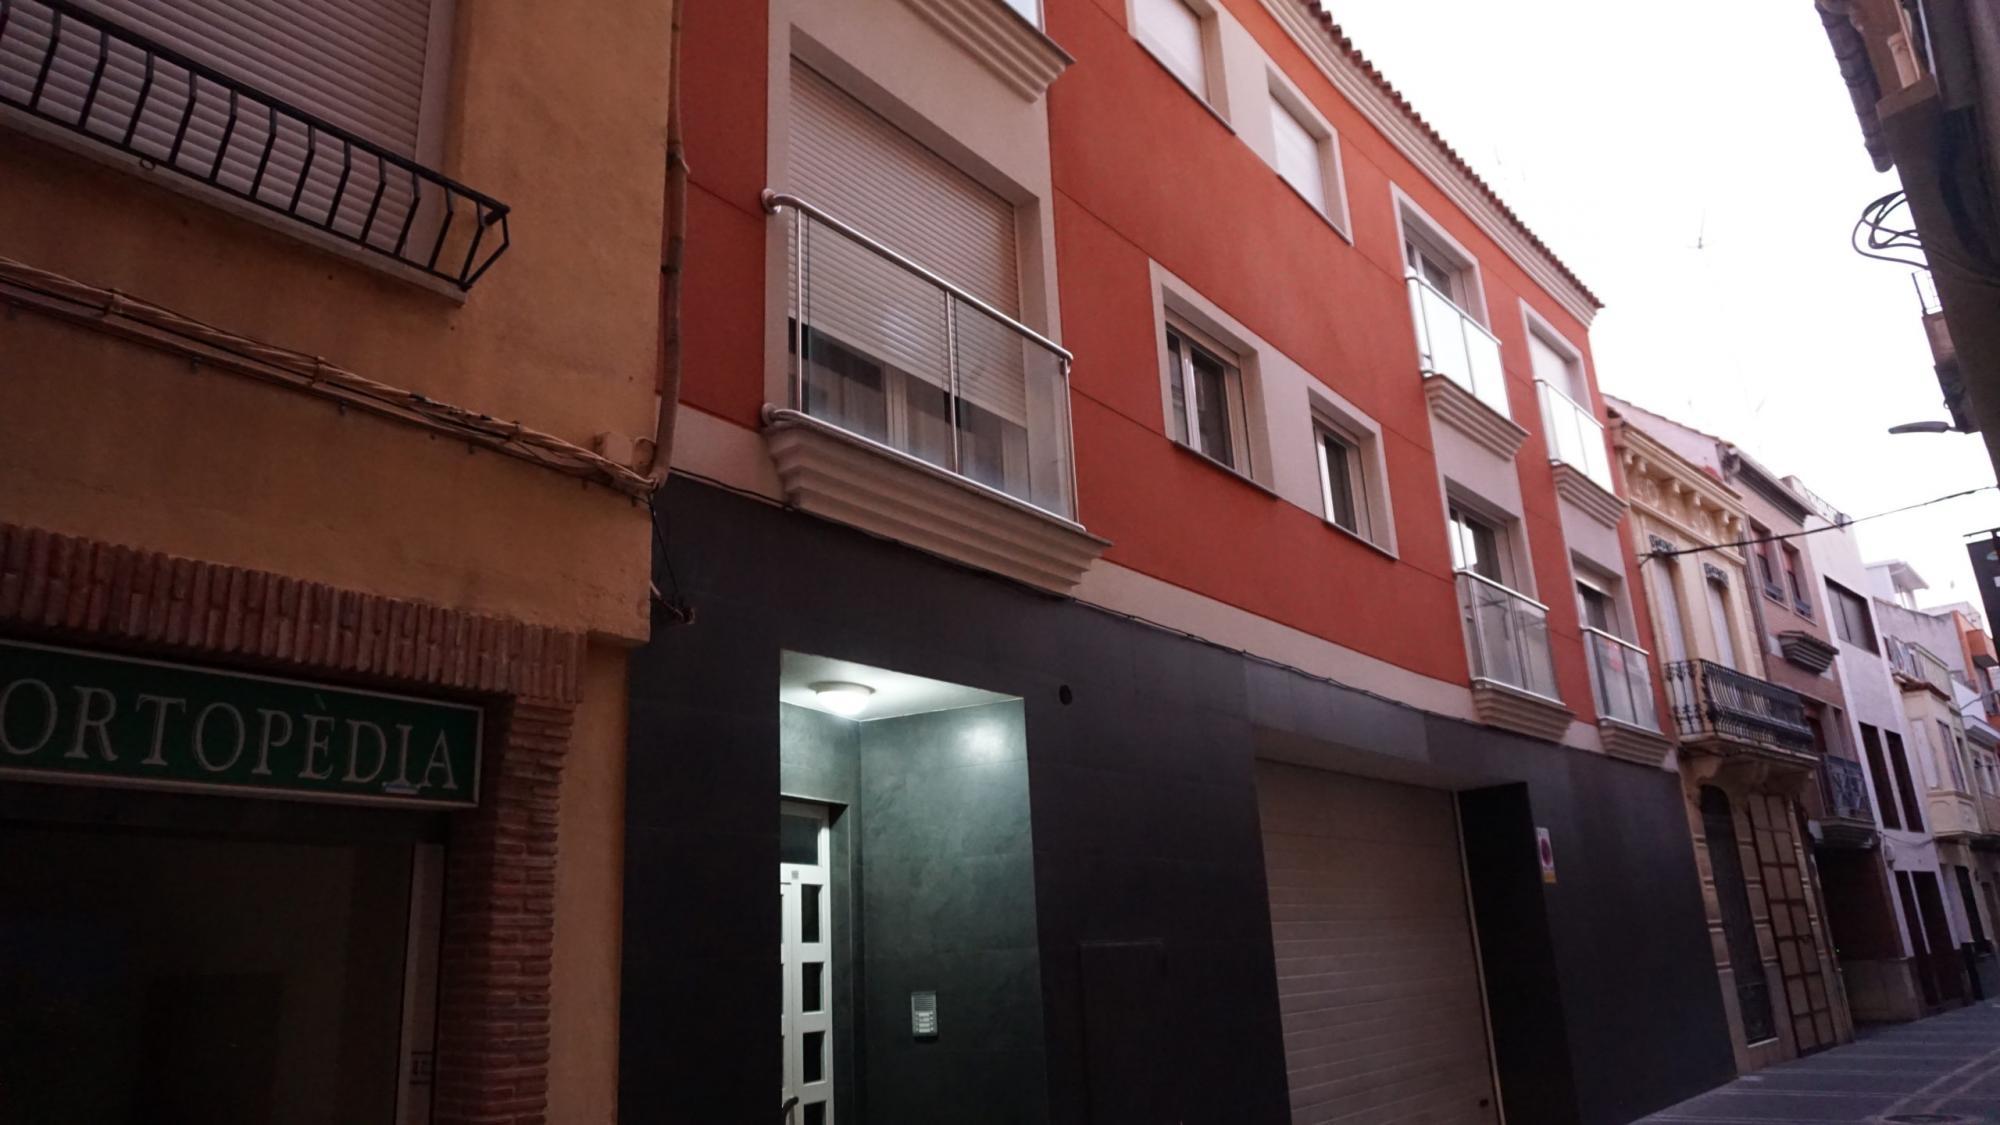 Vivienda en venta en Burriana (Castellón) en pleno centro de la ciudad